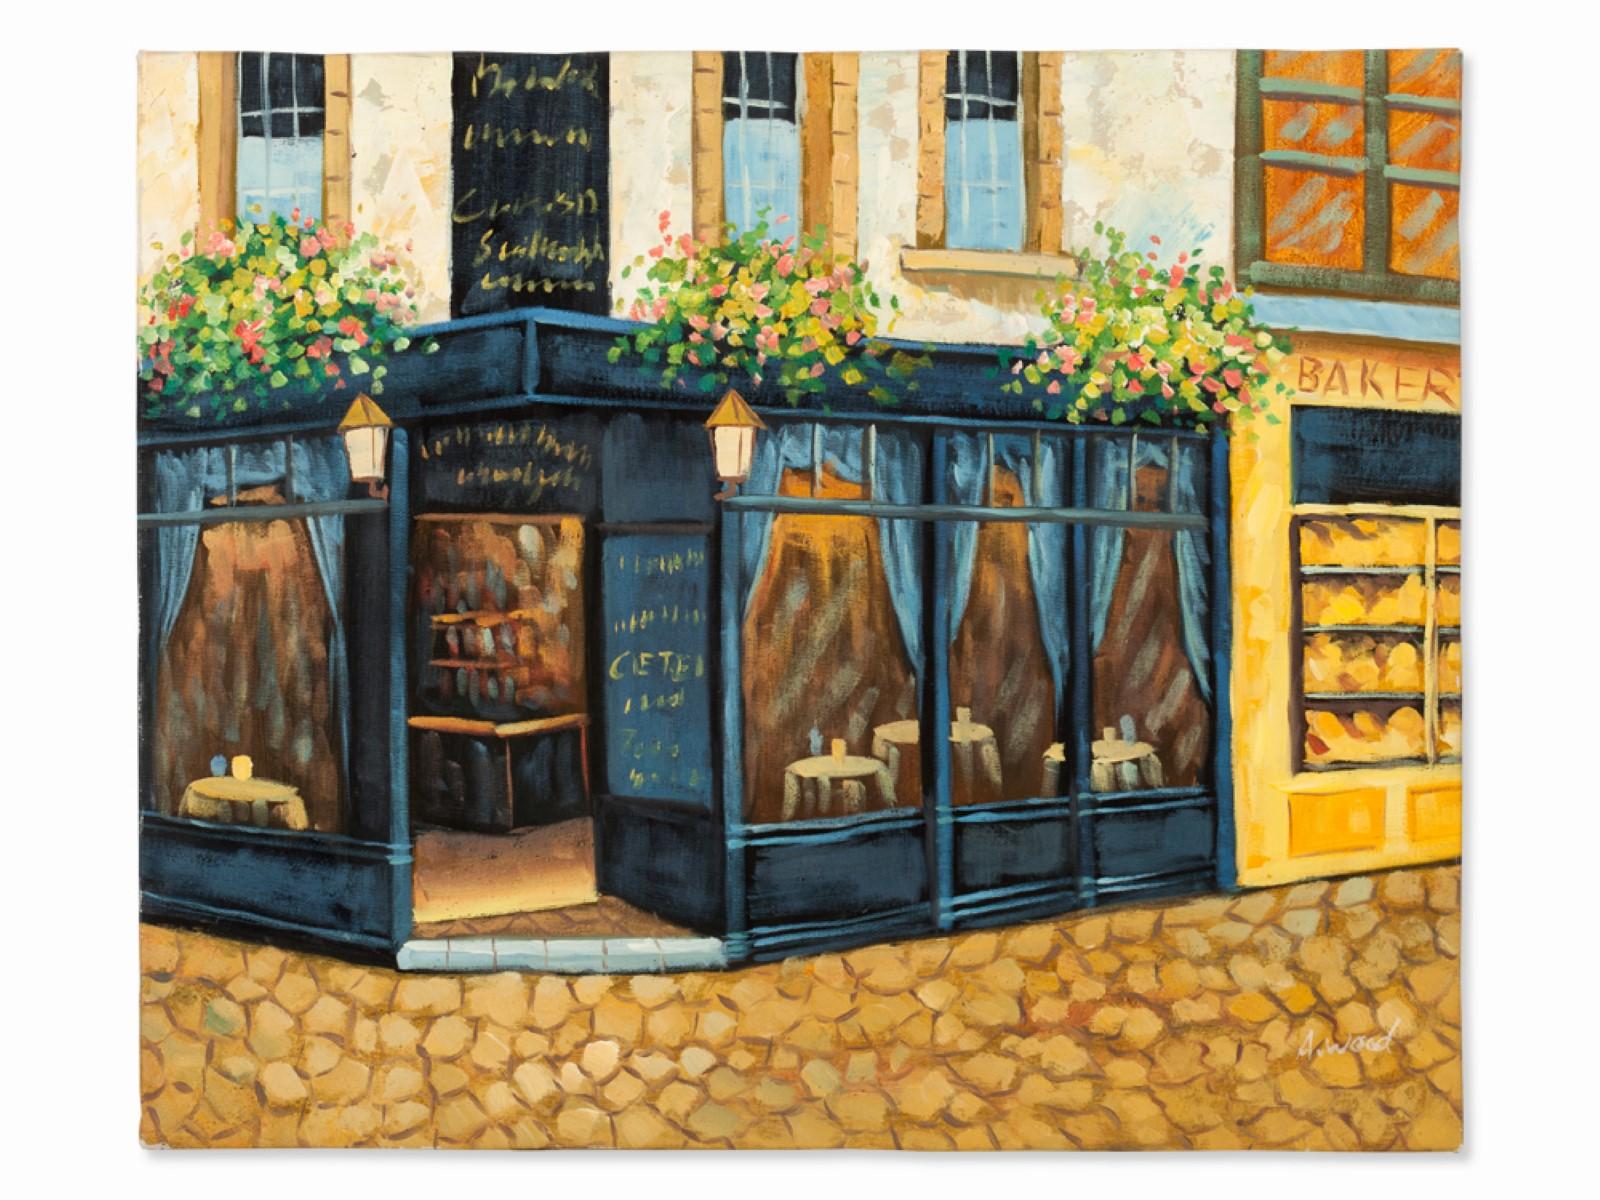 #84 A. Wood*, Street Cafe 2000 | A. Wood*, Straßencafé 2000 Image